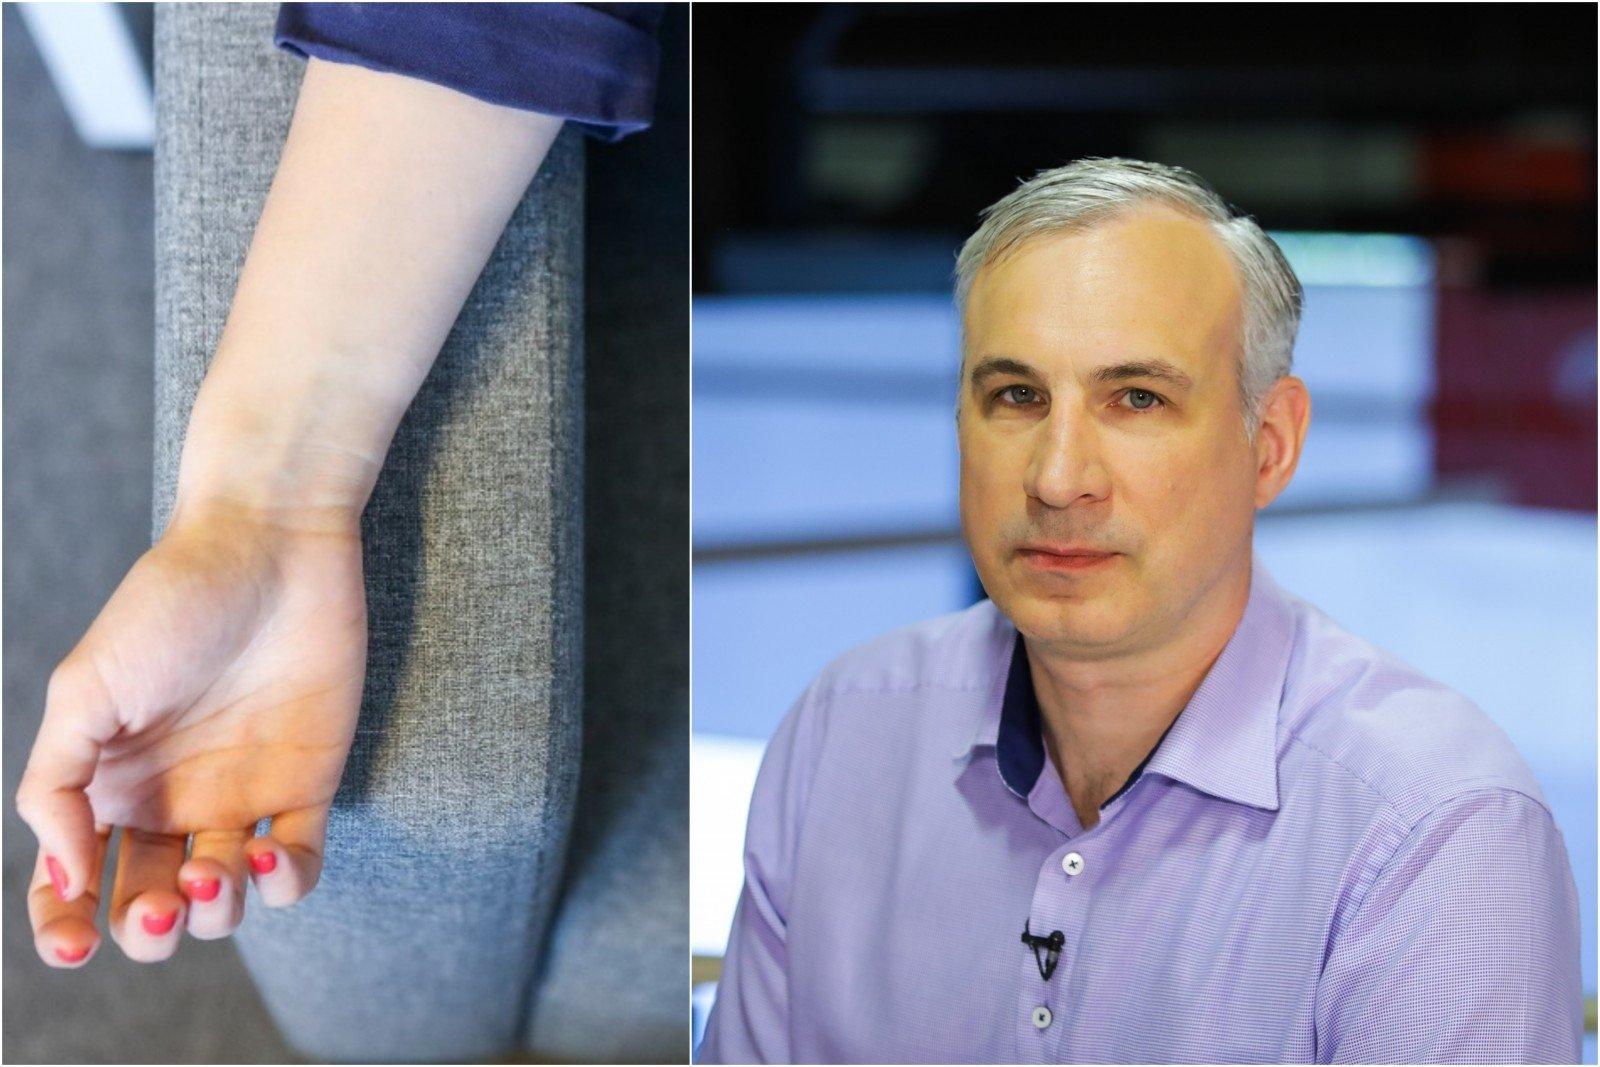 gydymas peties sąnario po kritimo į rankas raumenų skausmas ir sąnarių rankų gydomi liaudies gynimo